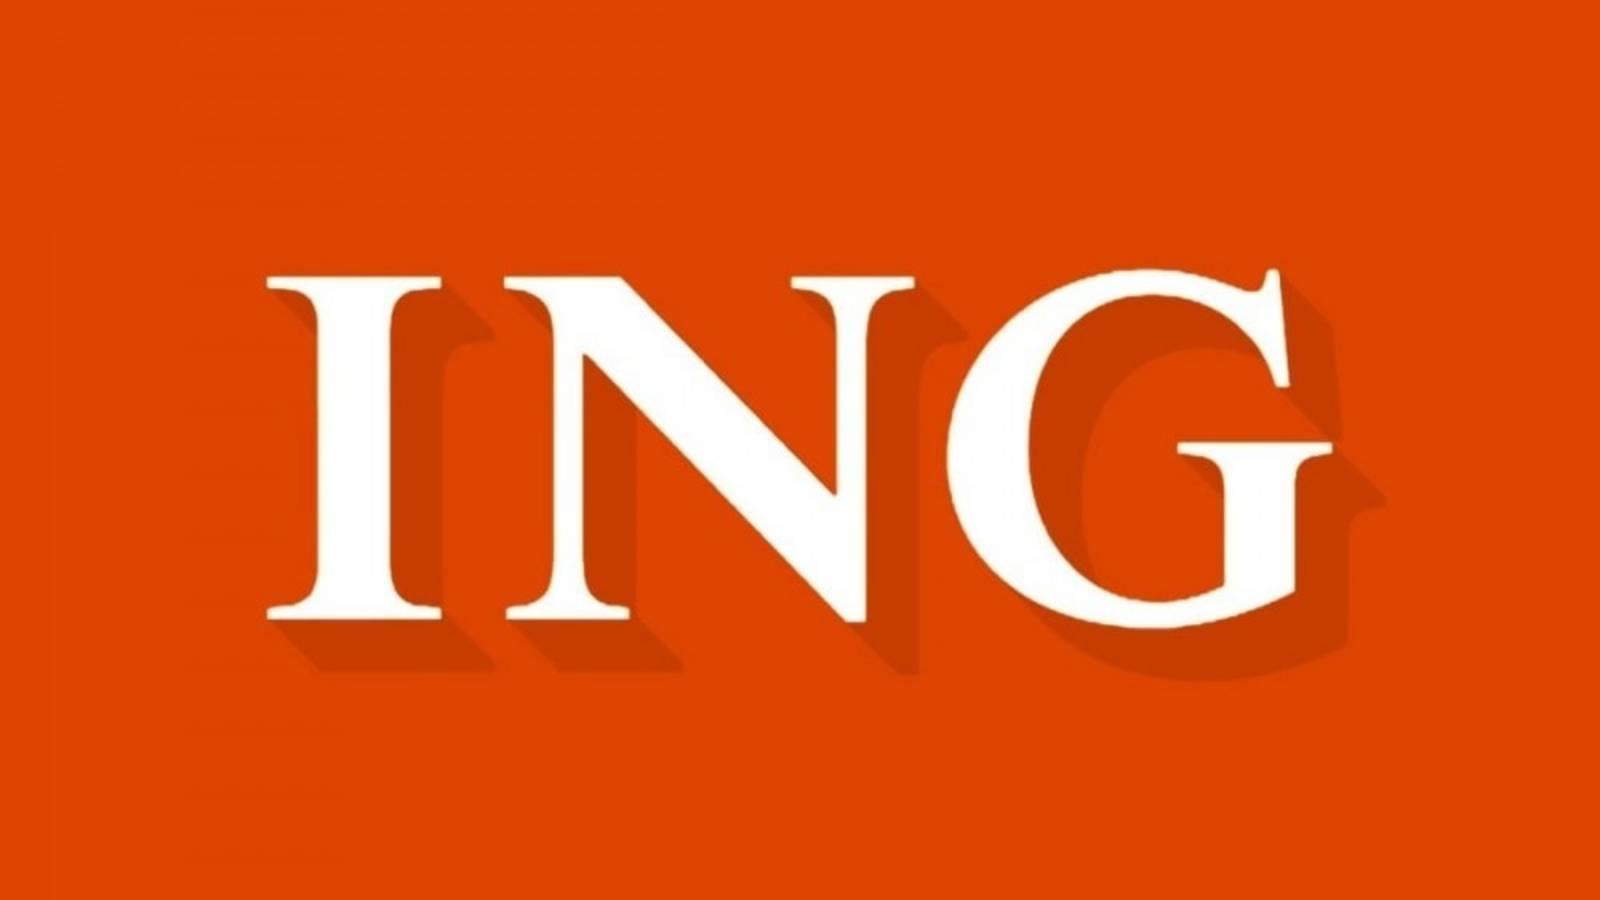 ING Bank programare